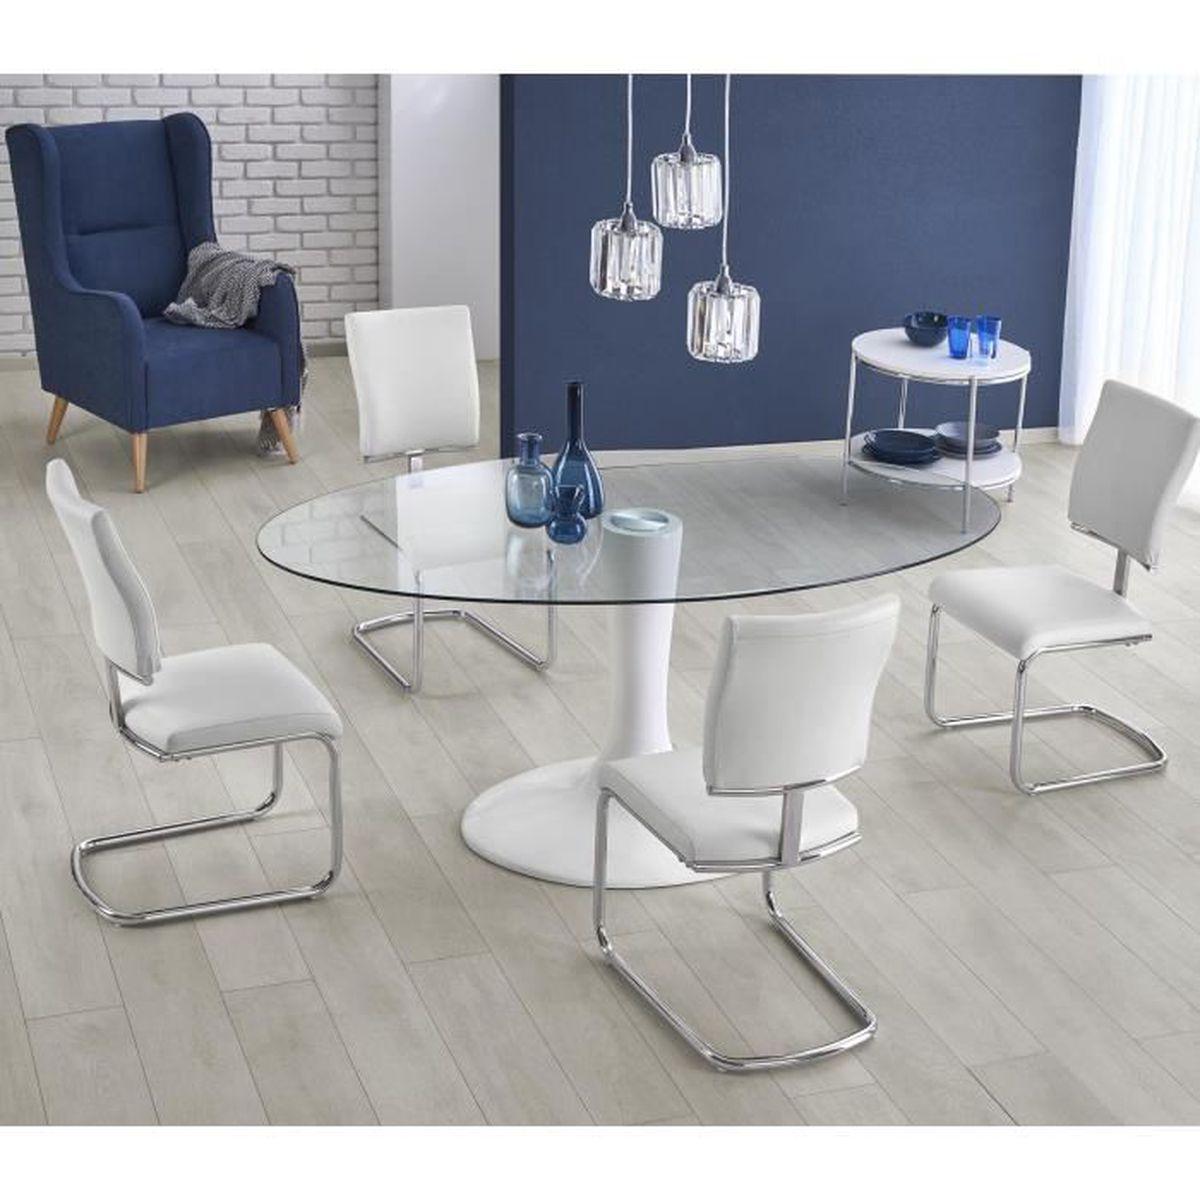 TABLE À MANGER SEULE TABLE A MANGER OVALE  – L : 180 CM X P : 100 CM X